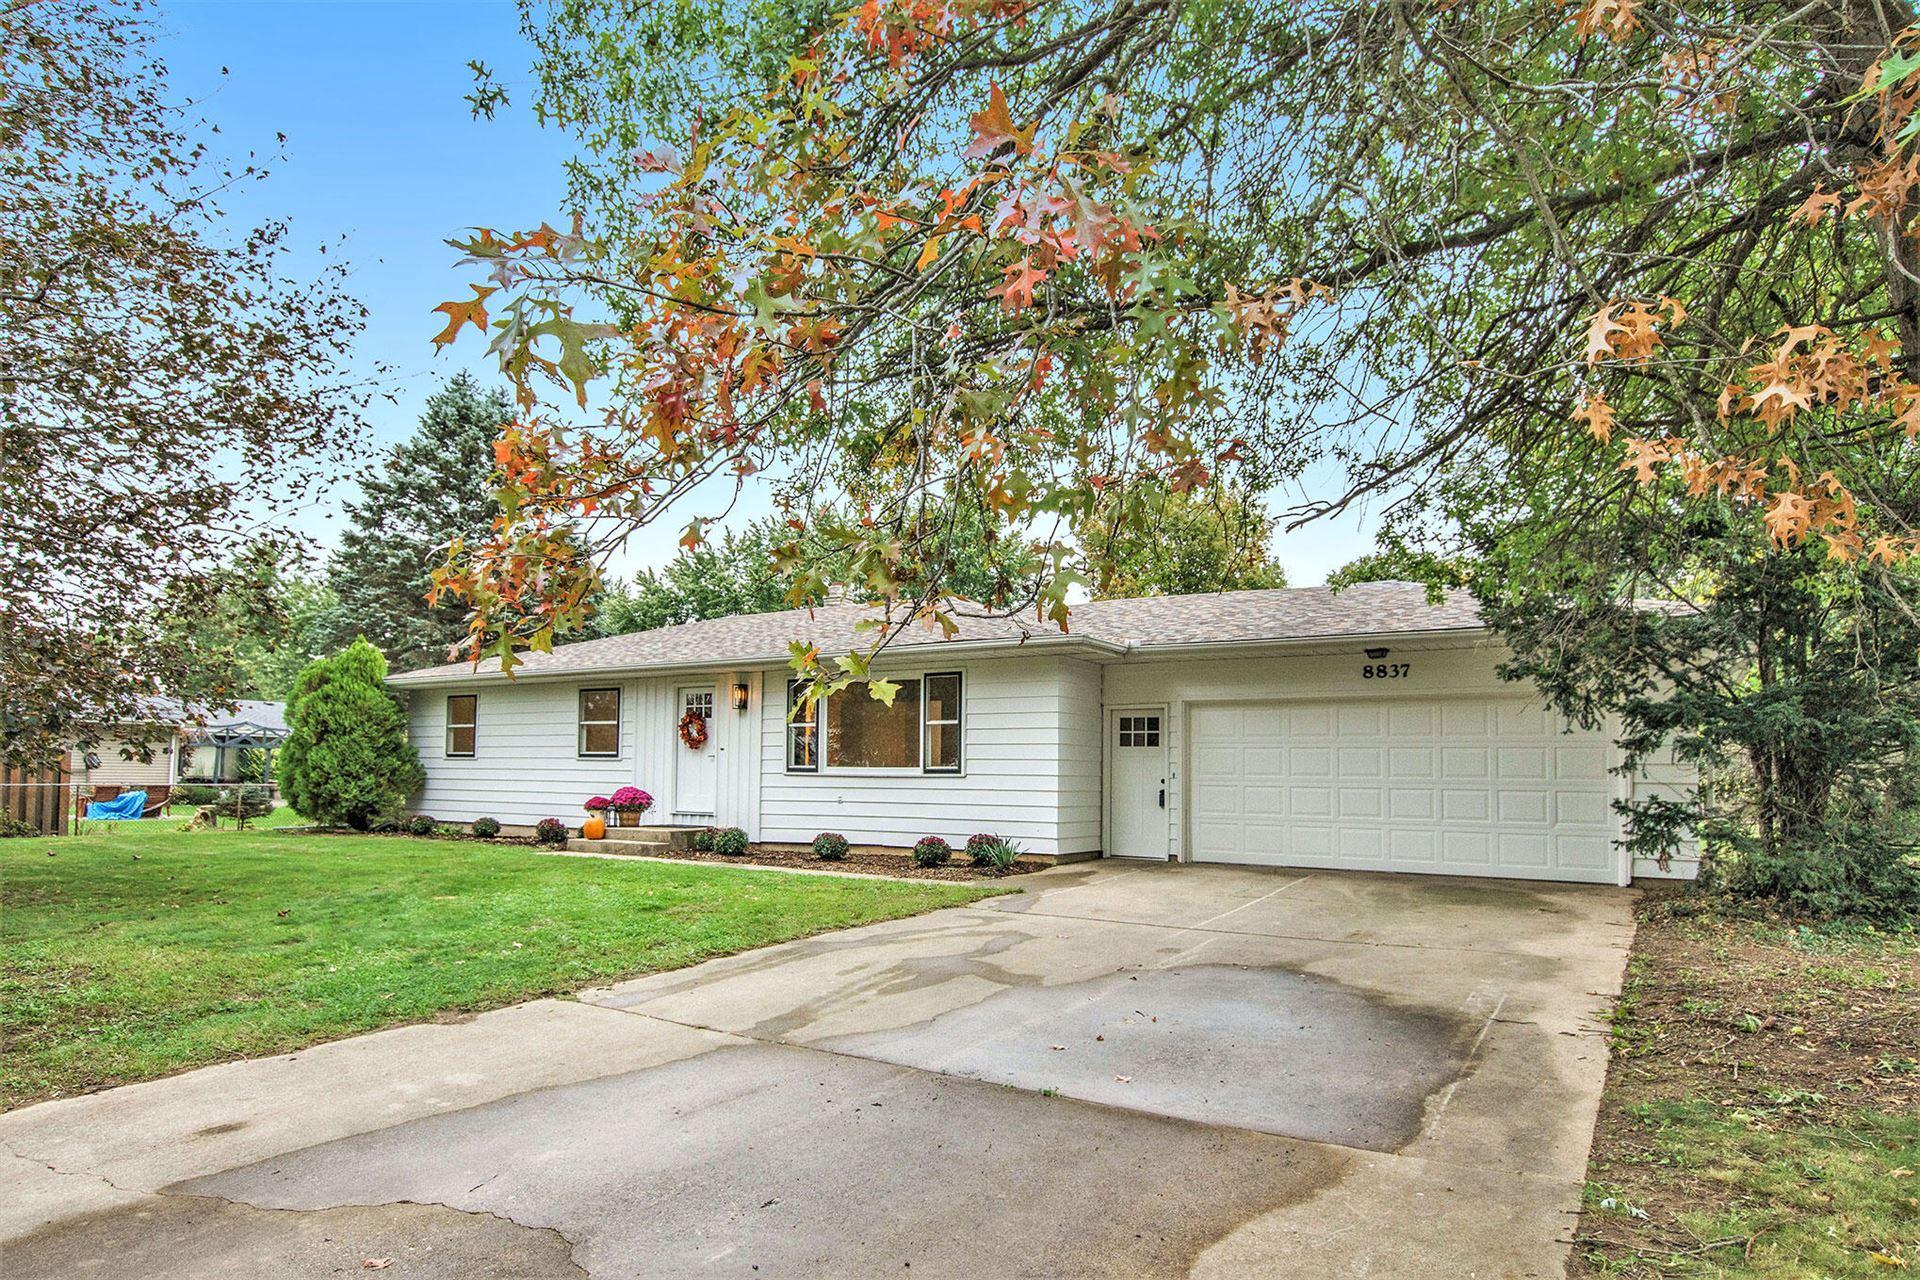 8837 N Ridge Avenue, Berrien Springs, MI 49103 - MLS#: 21110925